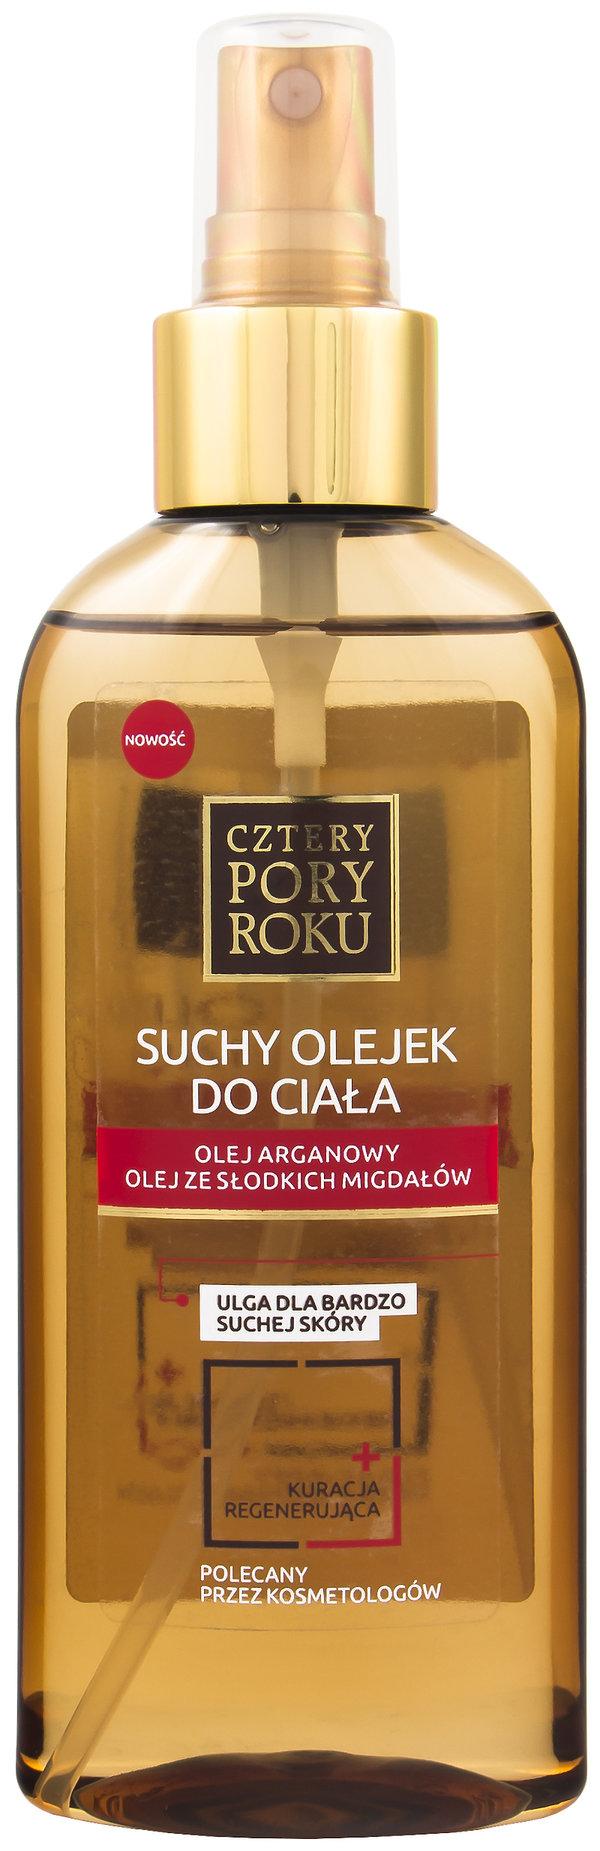 Suchy olejek do ciała, kuracja regenerująca CZTERY PORY ROKU, 5,99 zł.